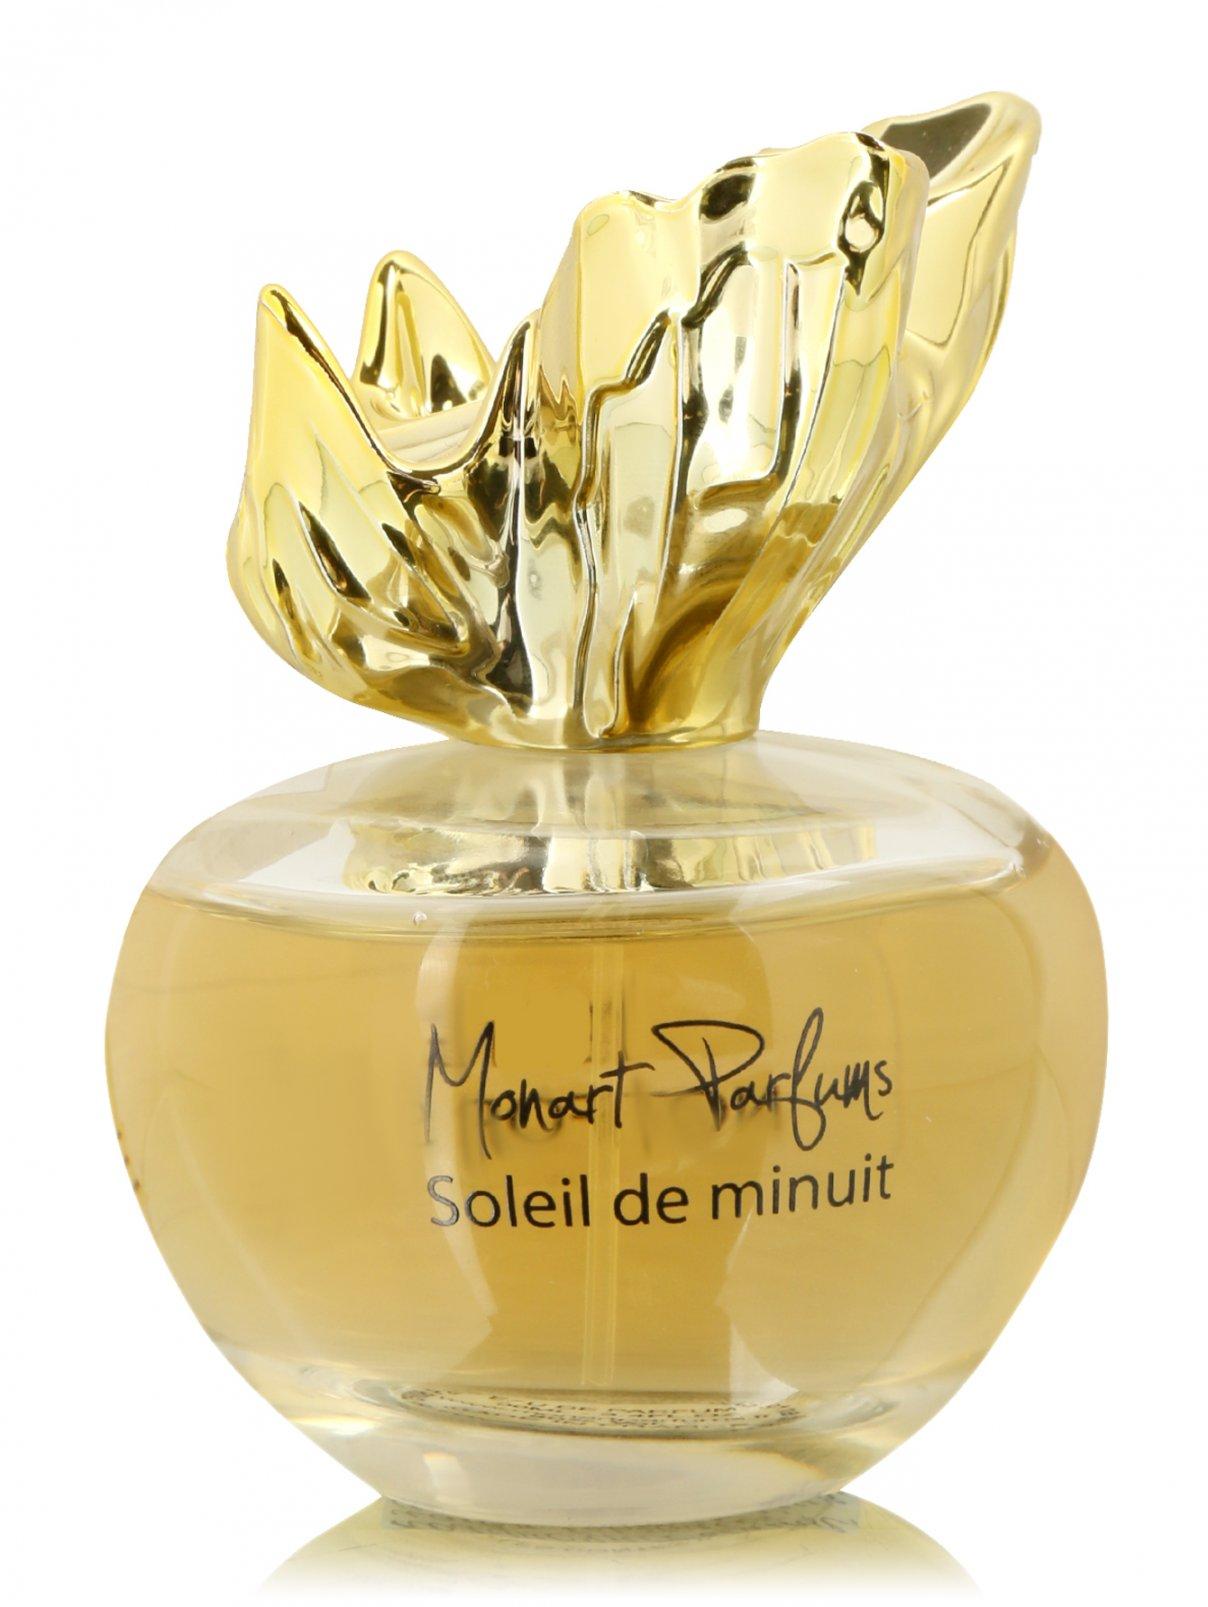 Парфюмерная вода 100 мл Soleil De Minuit Monart Parfums  –  Общий вид